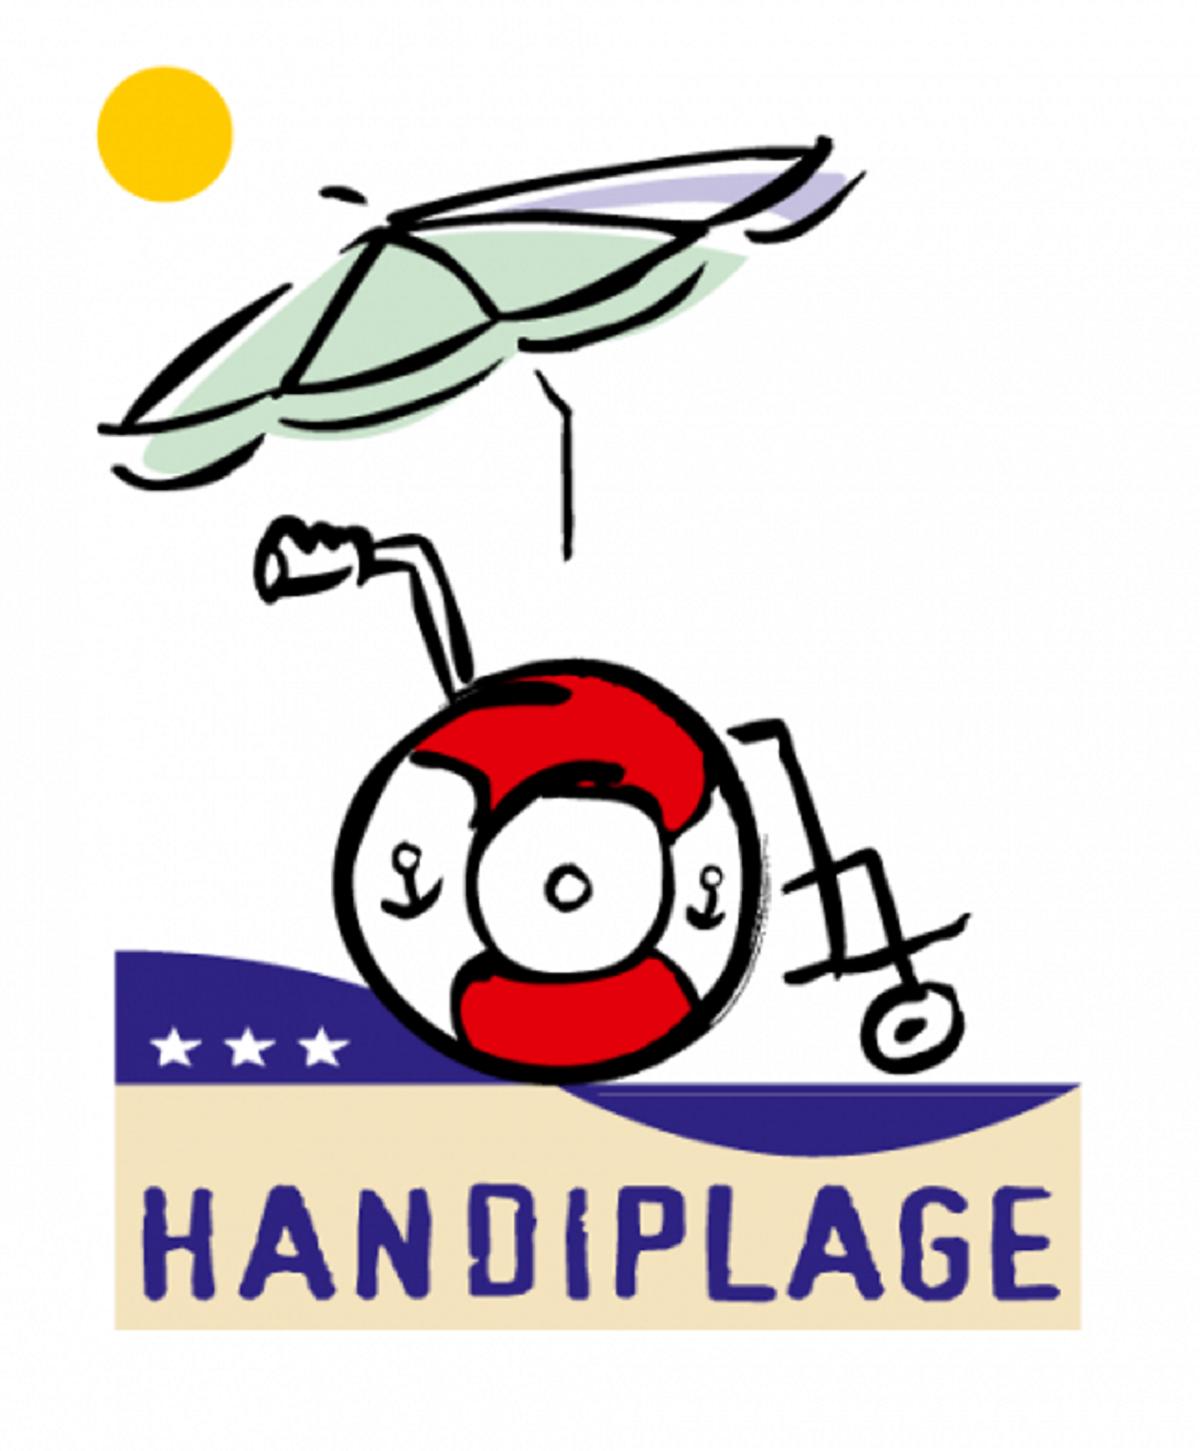 Label Handiplage